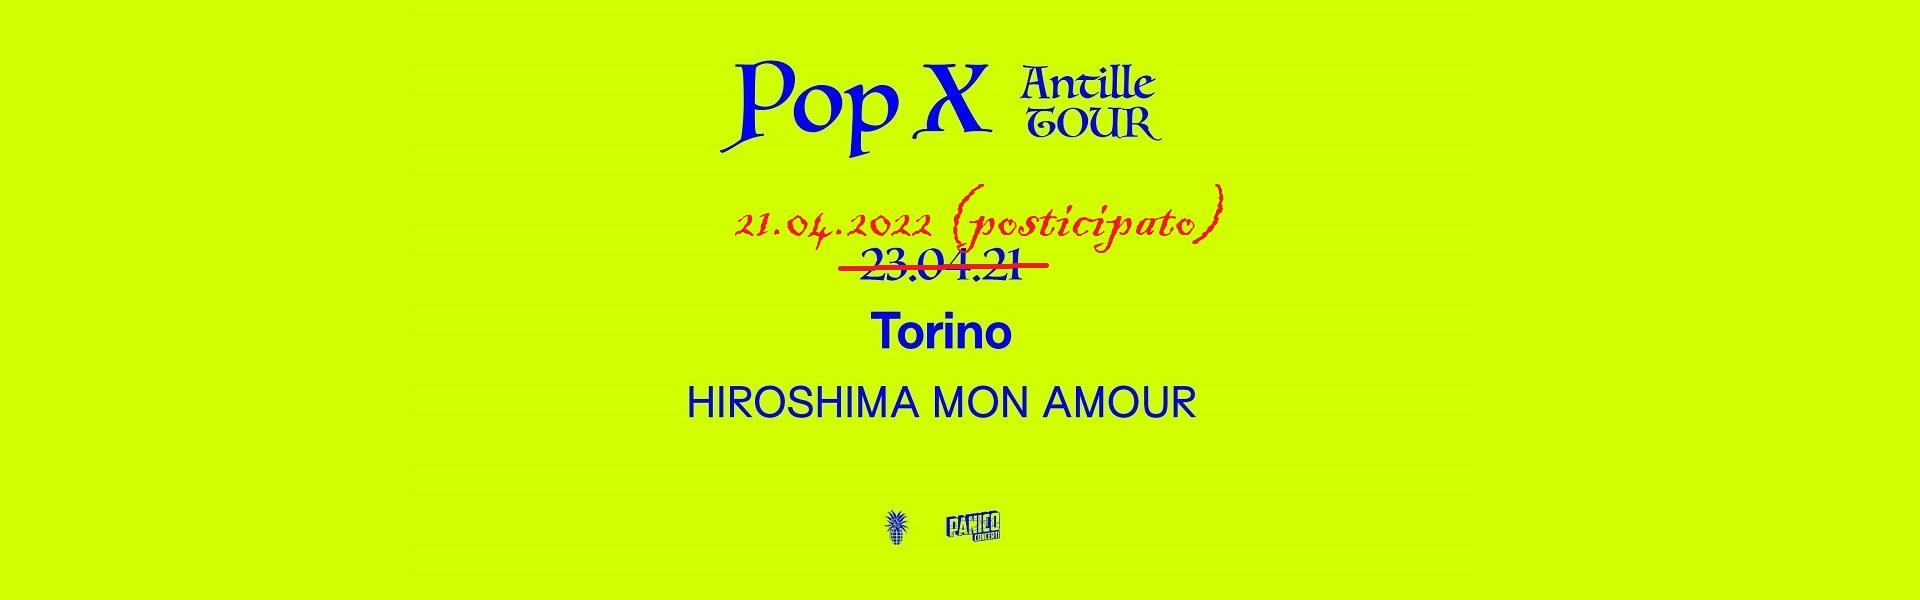 Pop X biglietti concerto evento Hiroshima Mon Amour Torino 21 aprile 2022   News Mailticket